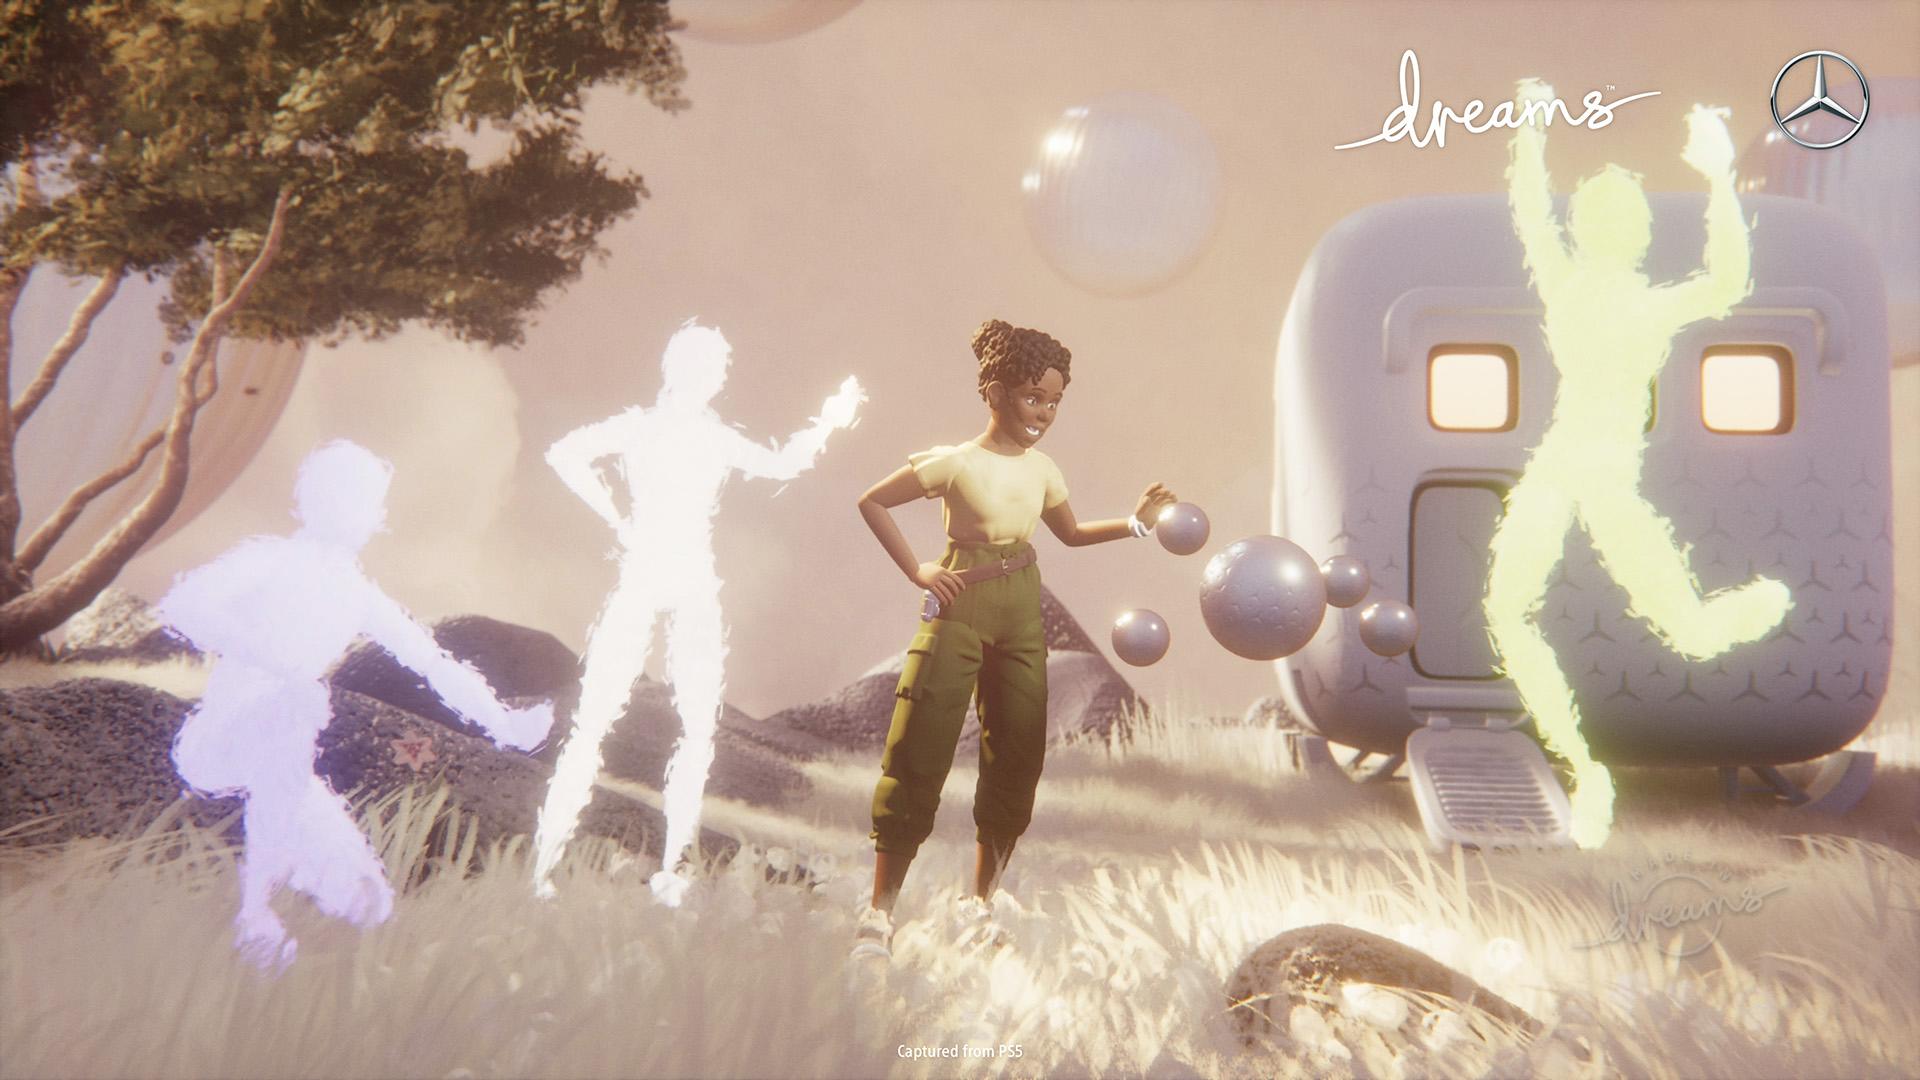 Une capture d'écran d'Eshe, le personnage principal de la collaboration Dreams et Mercedes-Benz, qui fait la fête avec d'autres personnages.